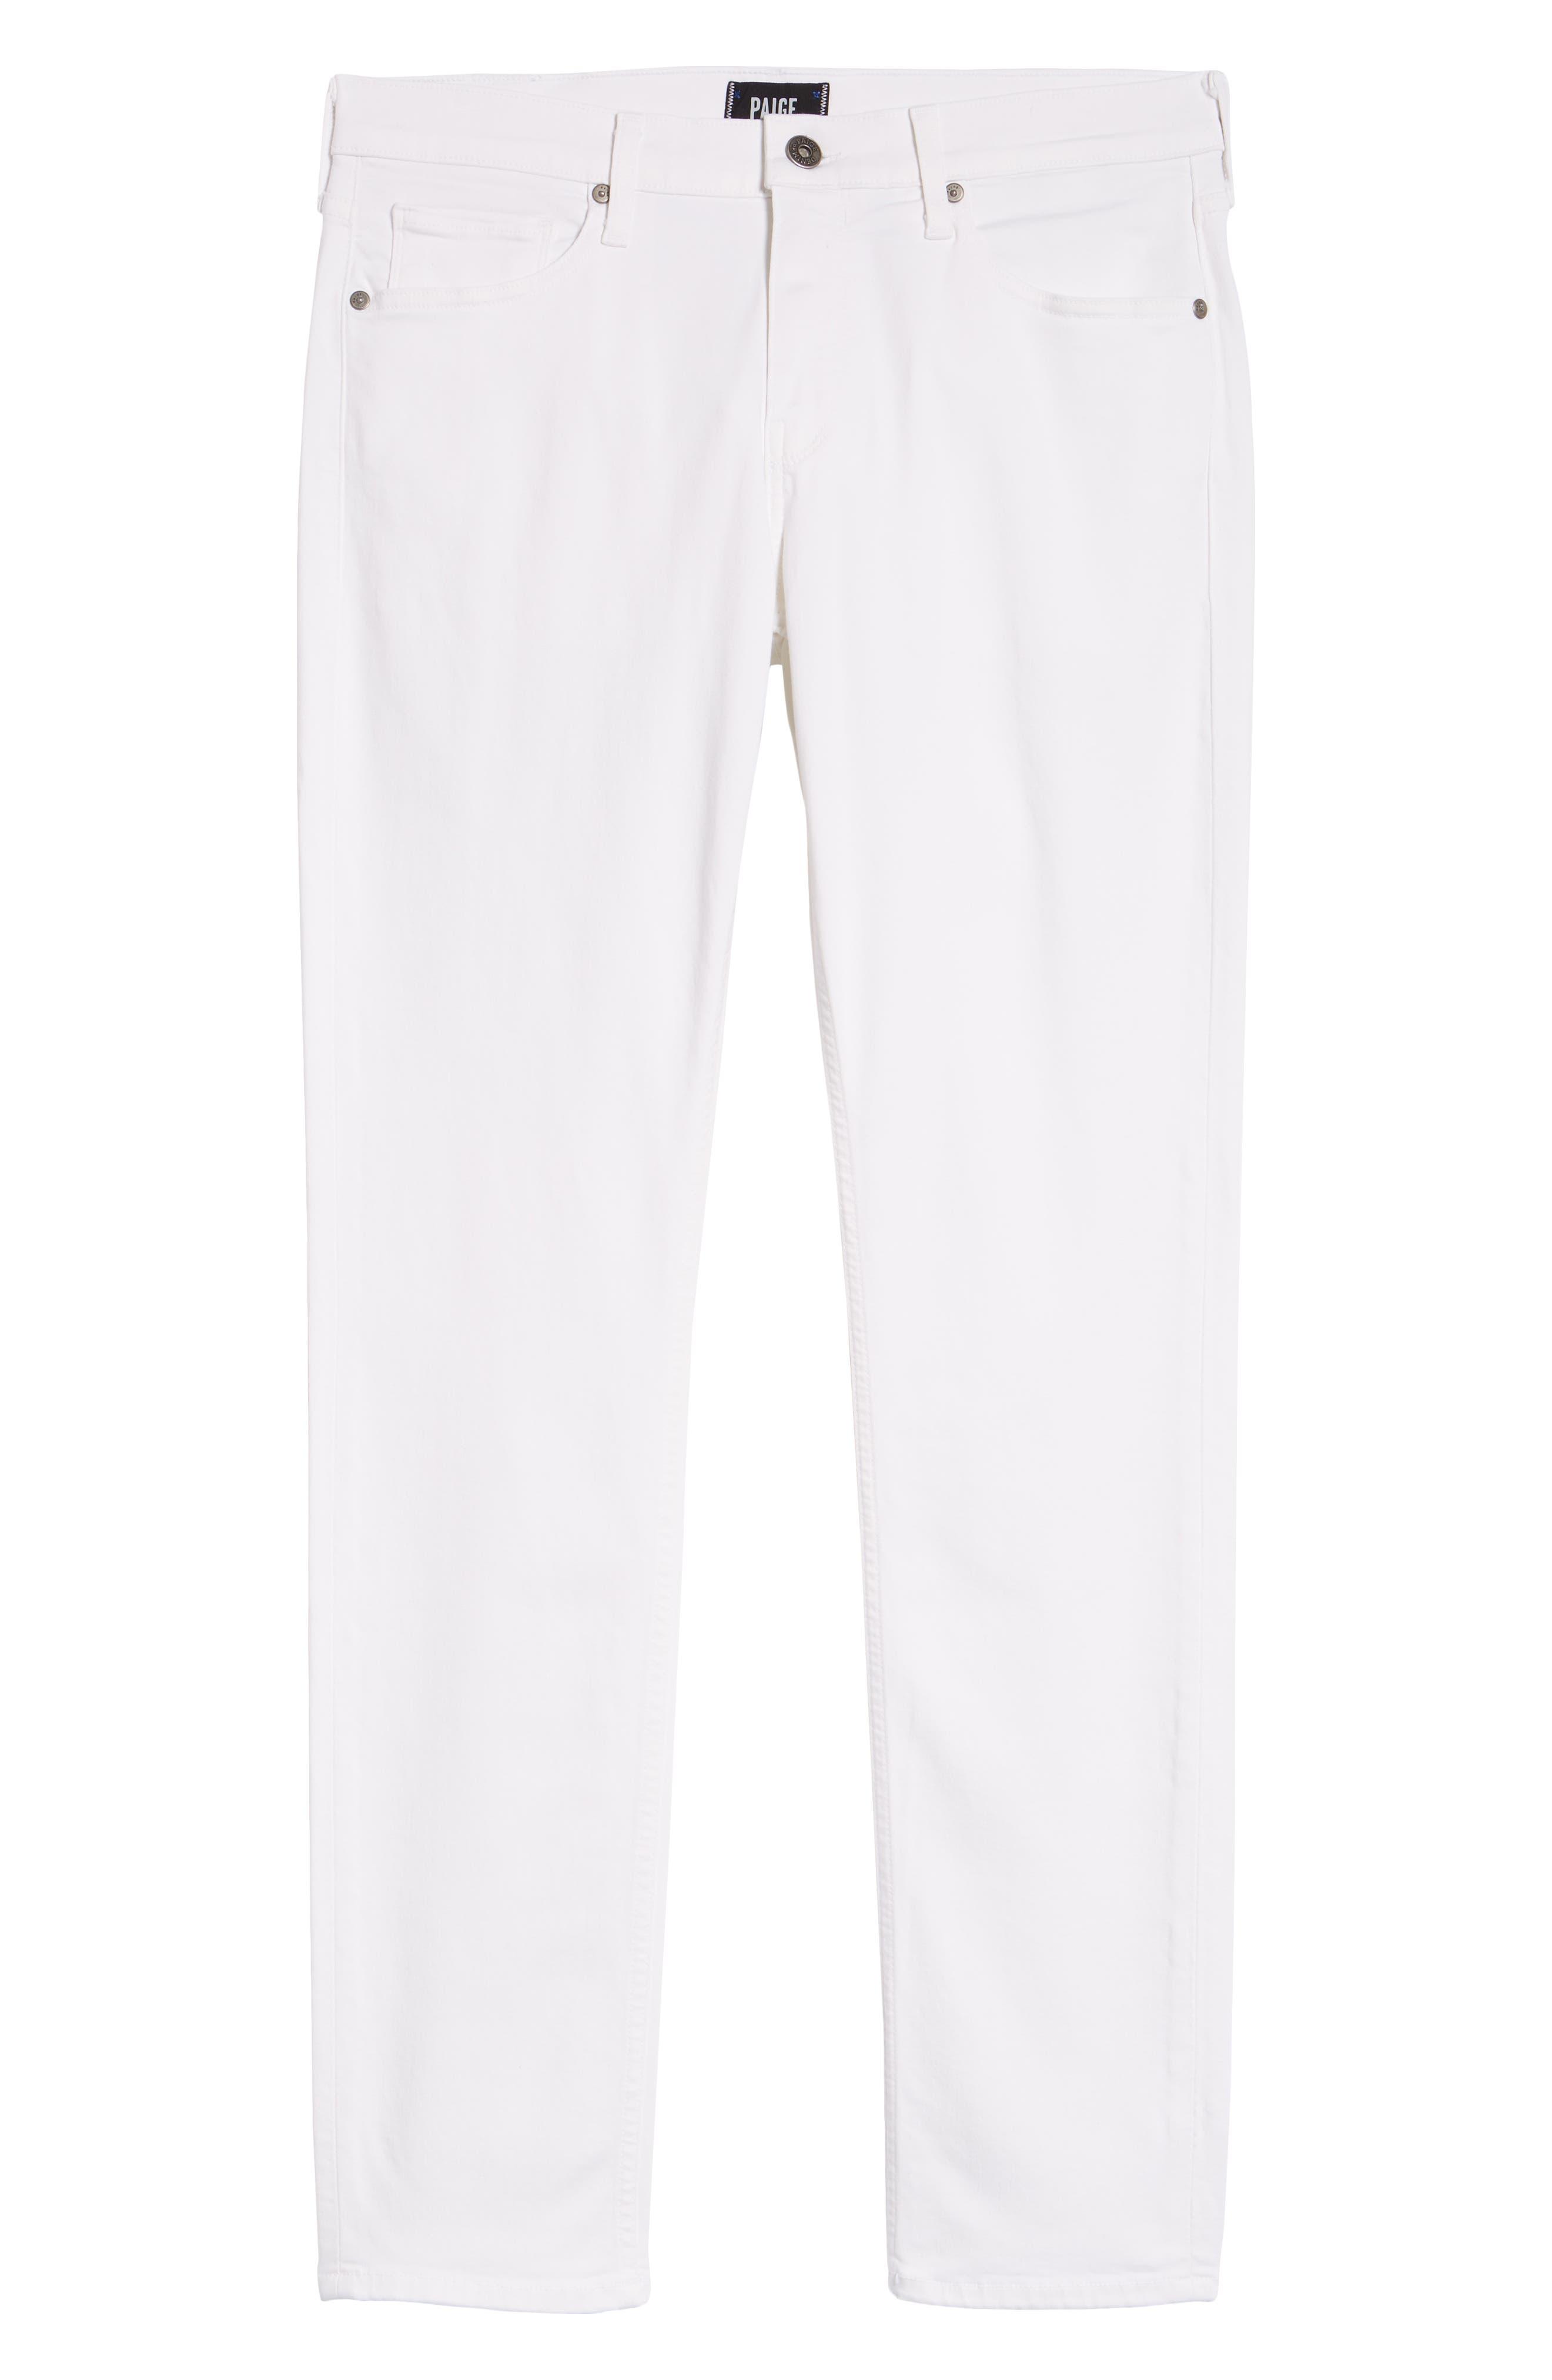 PAIGE, Transcend - Lennox Slim Fit Jeans, Alternate thumbnail 7, color, ICECAP